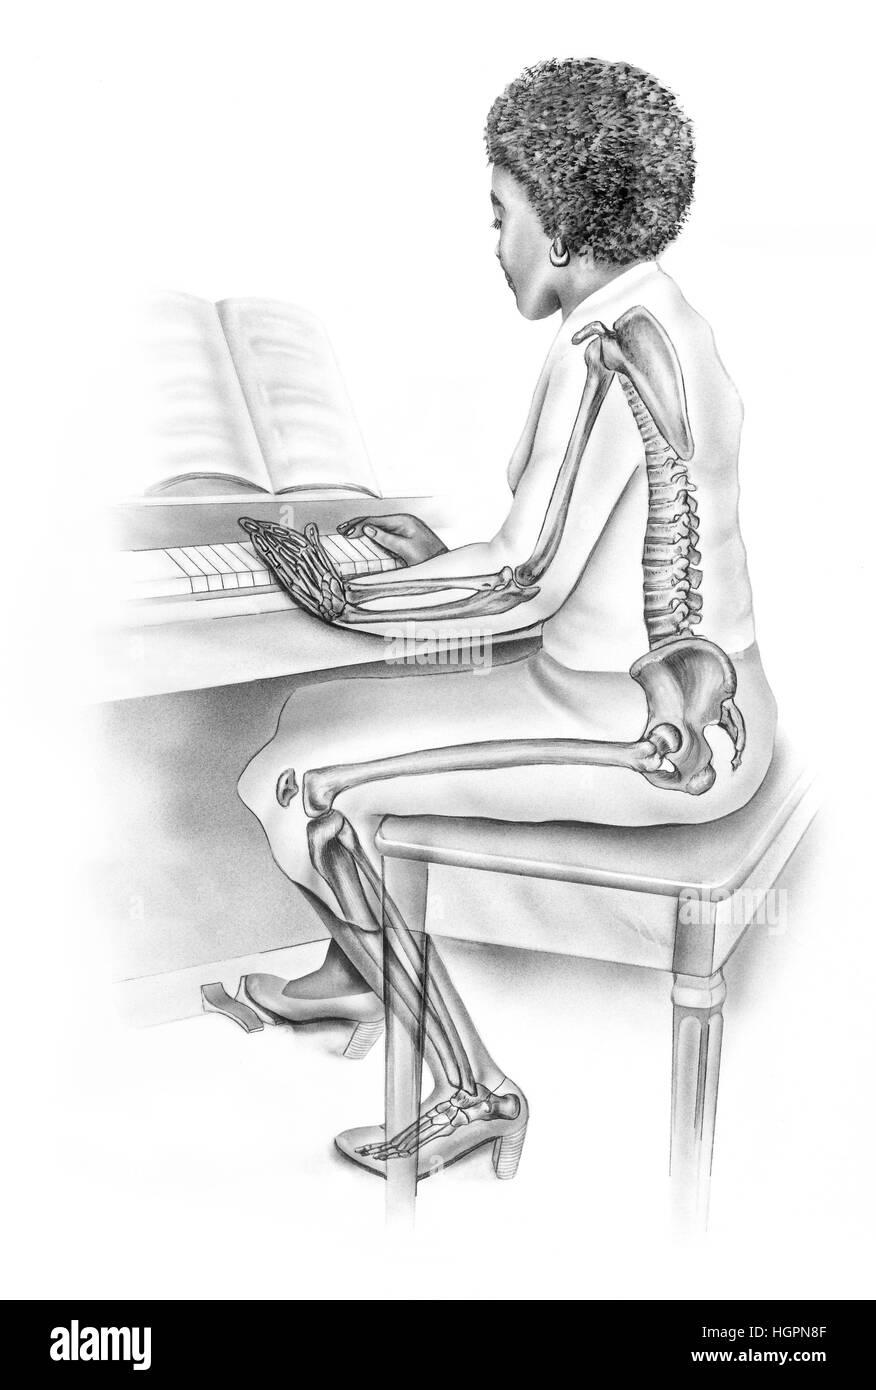 Frauen Anatomie im Alltag - Skelett-Struktur der Frau spielt Klavier ...